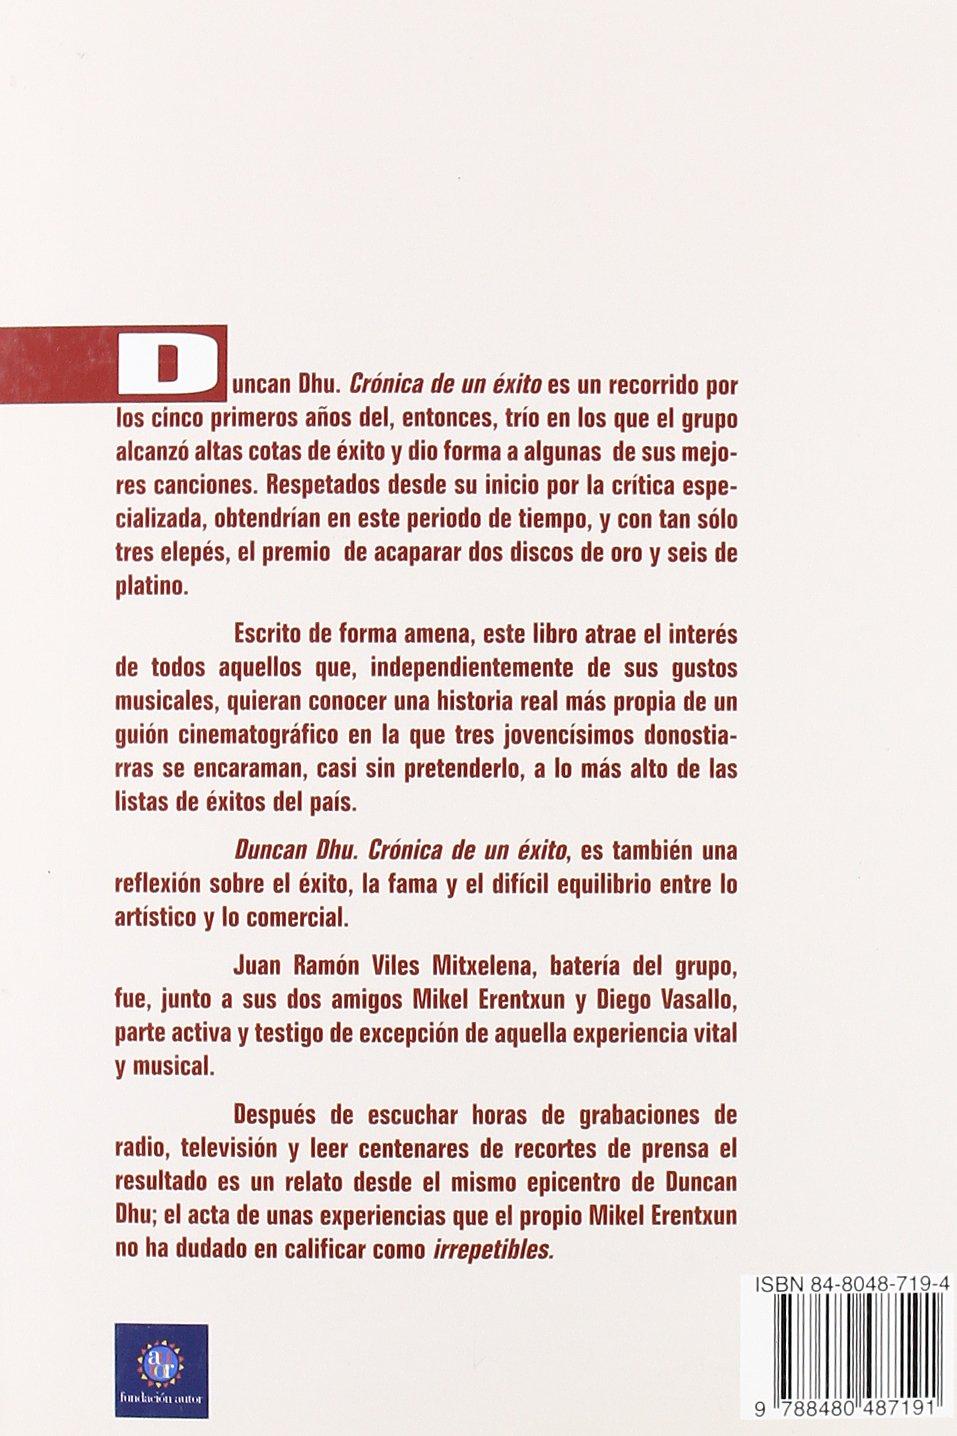 Duncan Dhu Cronica De Un Exito 19: Amazon.es: Juan Ramon Viles ...